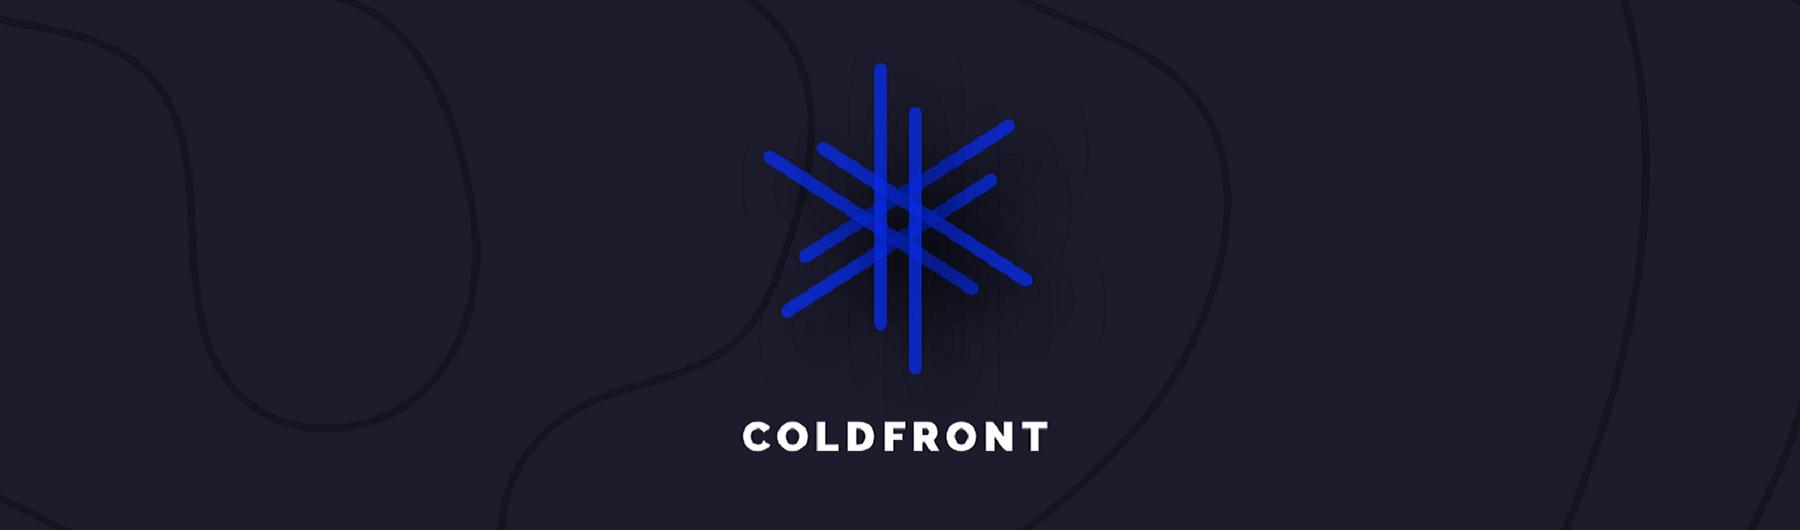 ColdFront 2018